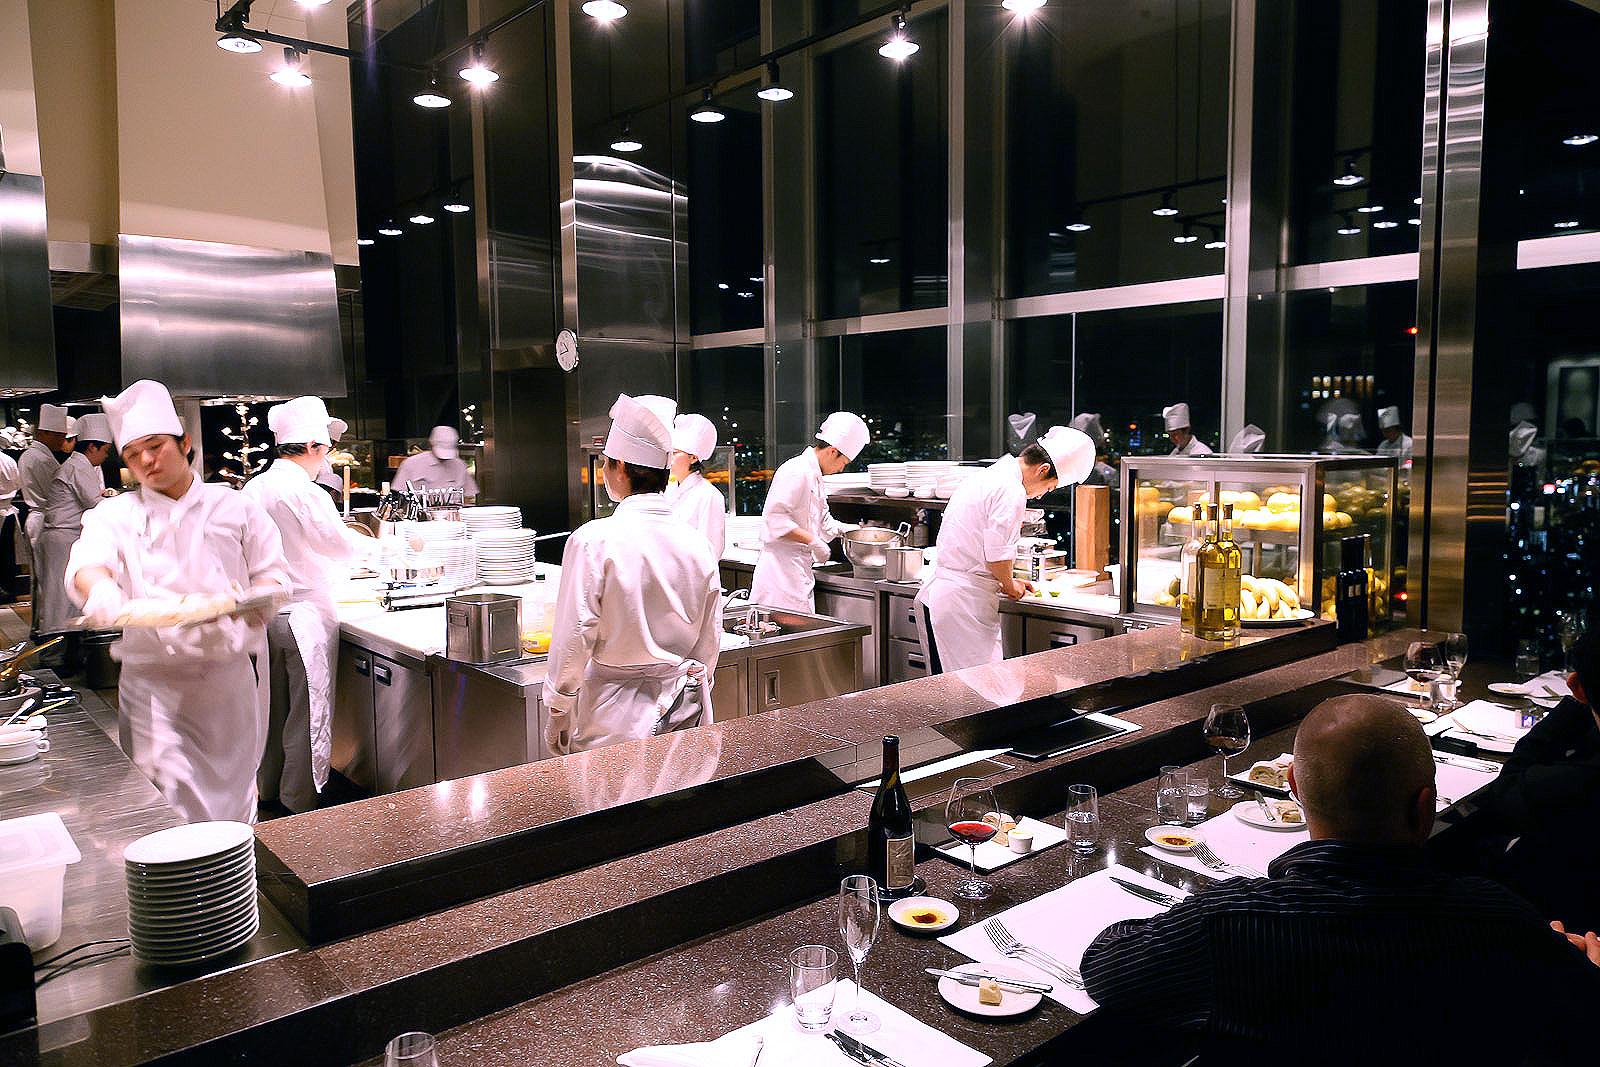 New York Grill, Tokyo - Kitchen at Work